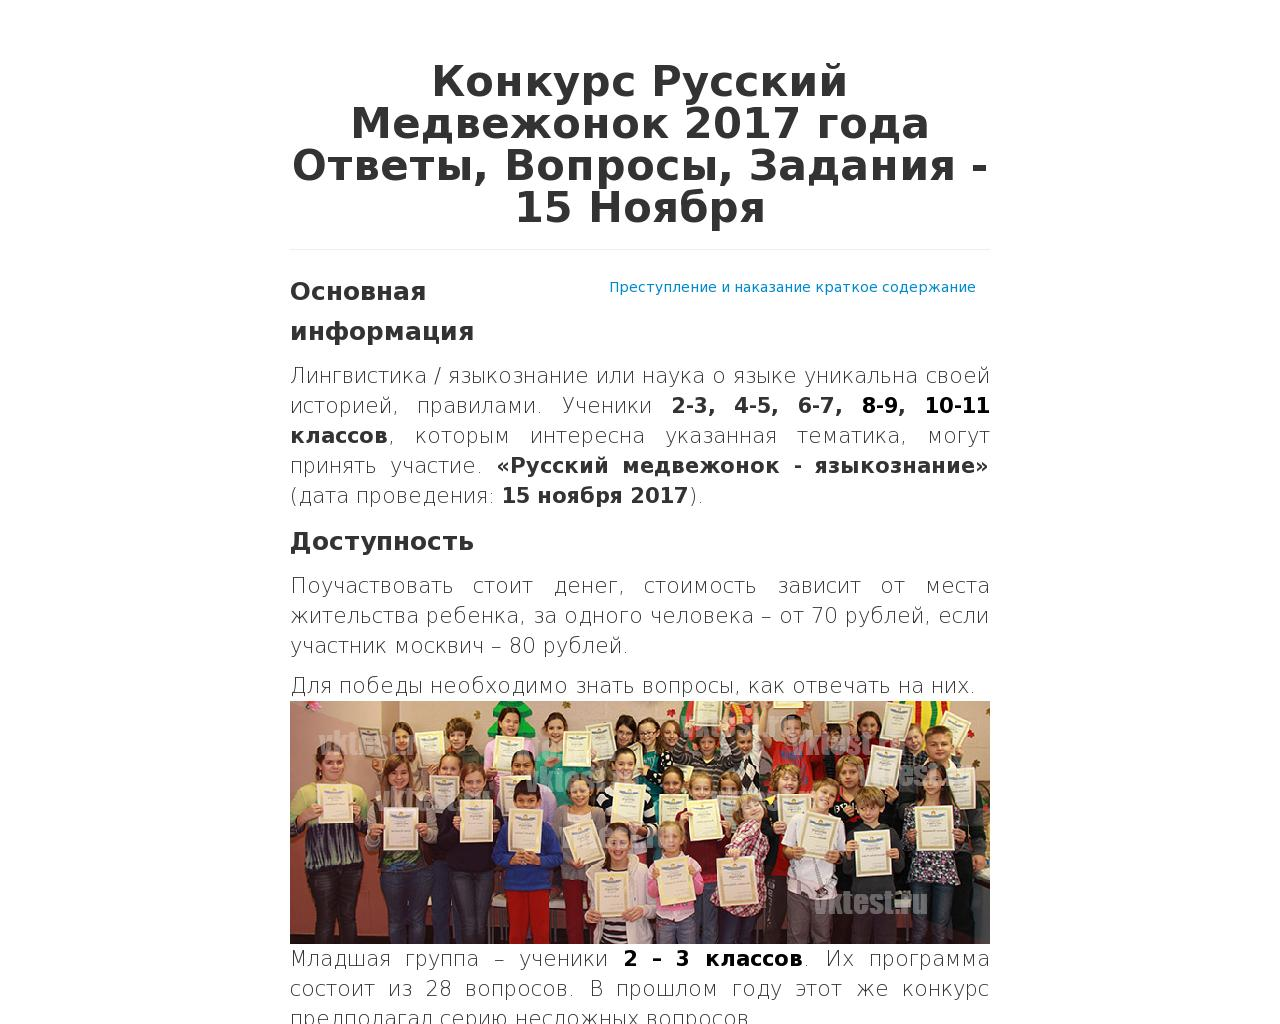 Конкурс русский медвежонок задания 2017 ответы